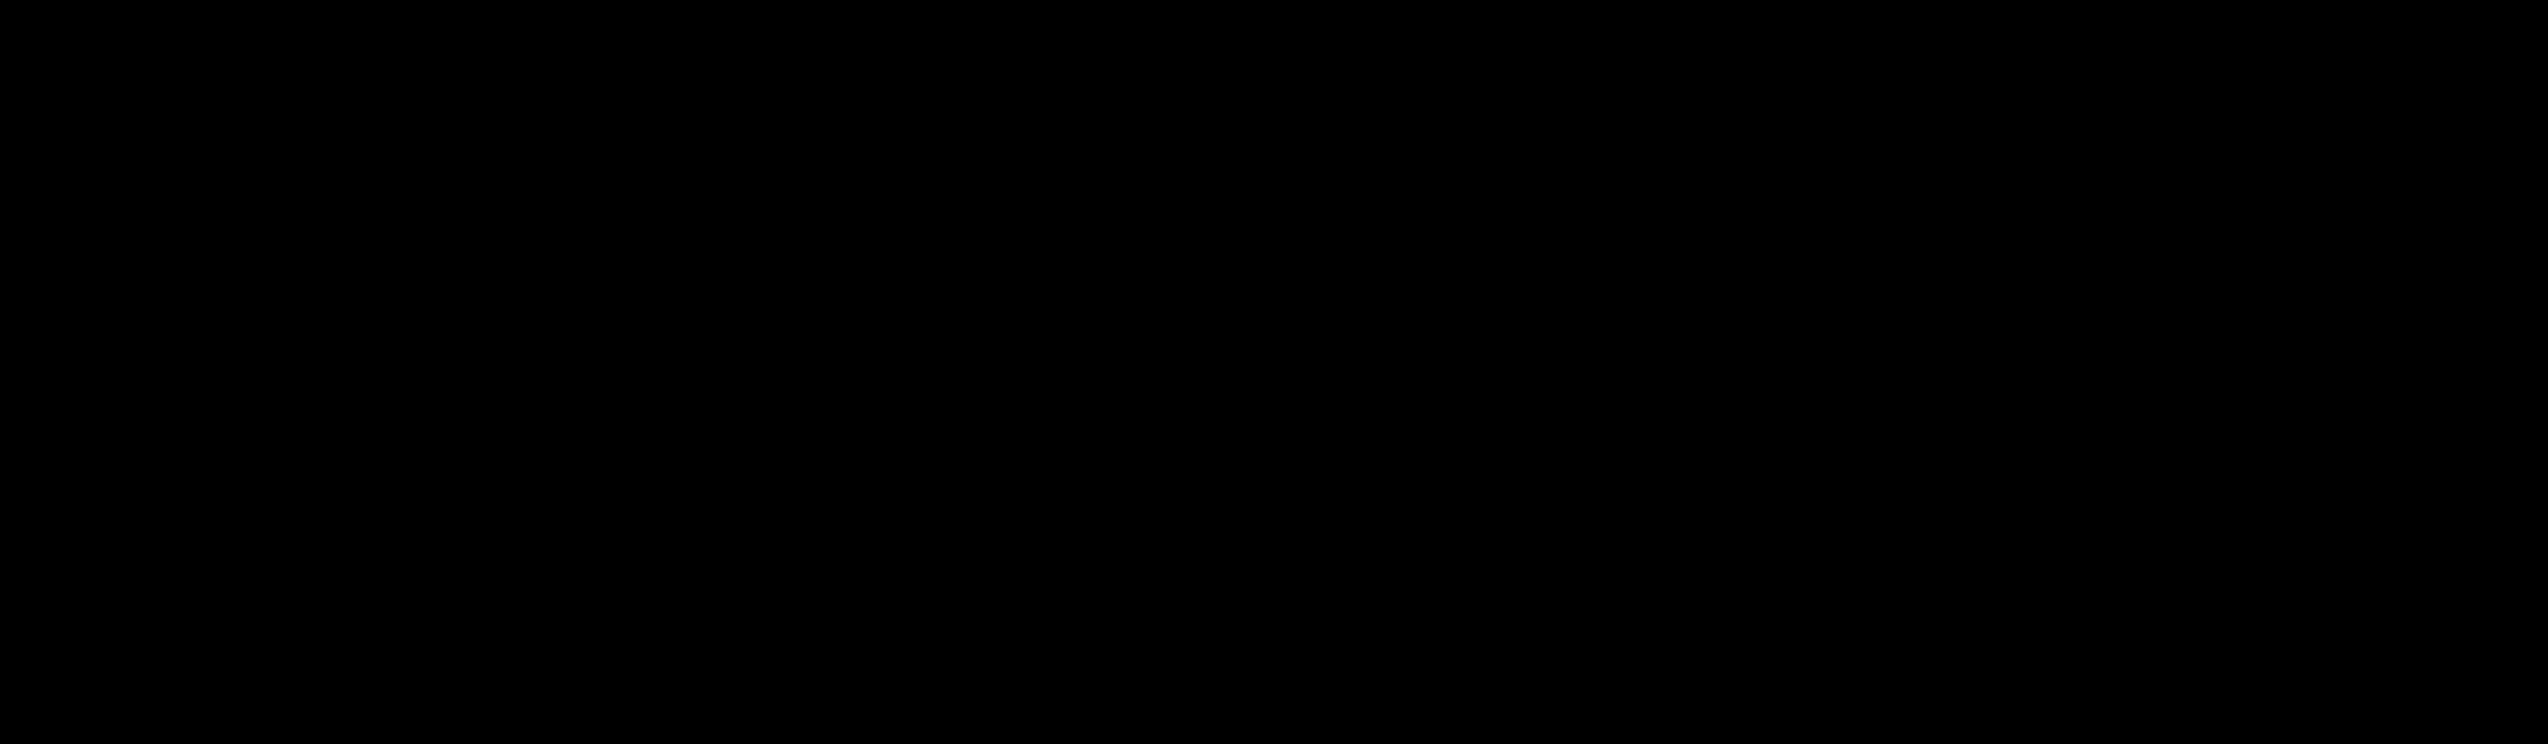 3-{2-Methoxy-4-[(1E)-3-oxo-3-(3-(1,2,3,4-tetrahydroacridin-9-ylamino)propylamino)prop-1-enyl]phenoxy}propyl nitrate